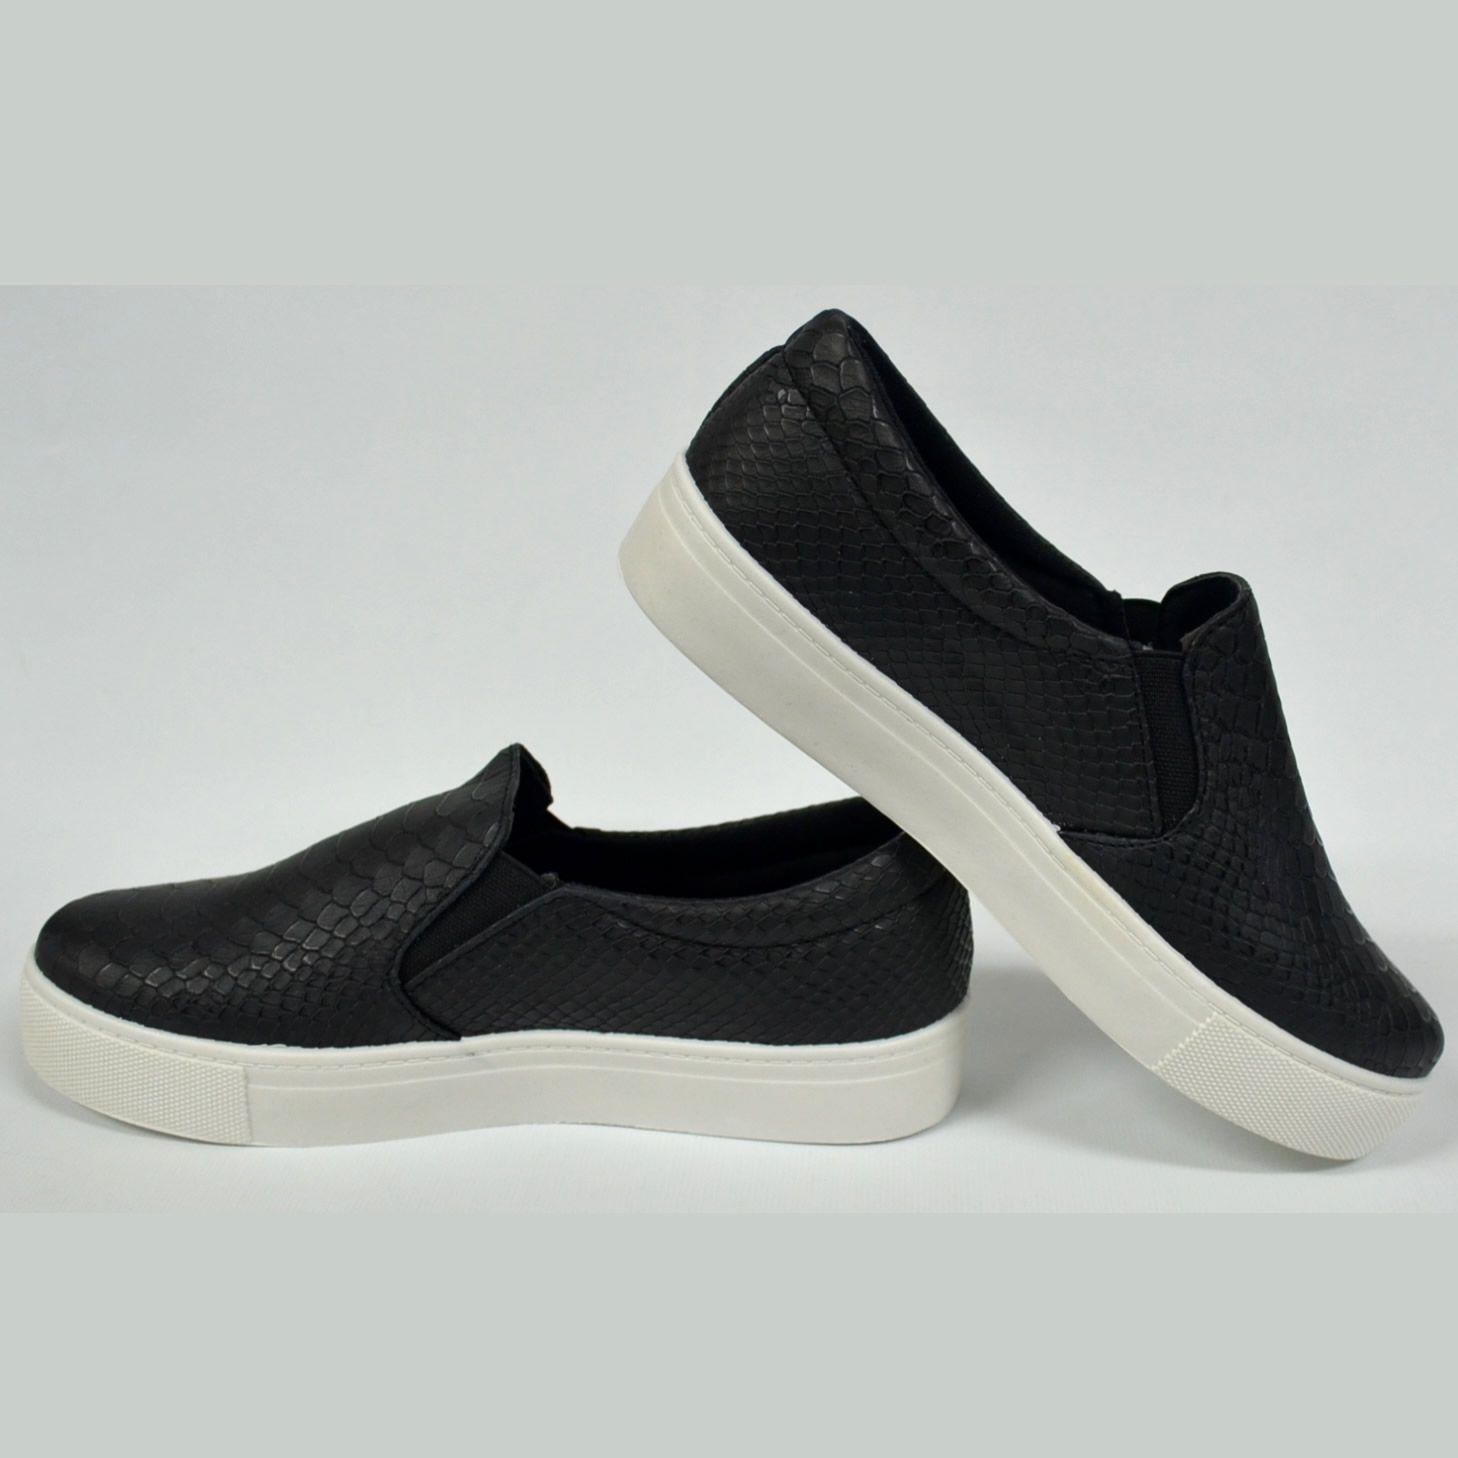 vans schoenen dikke zool